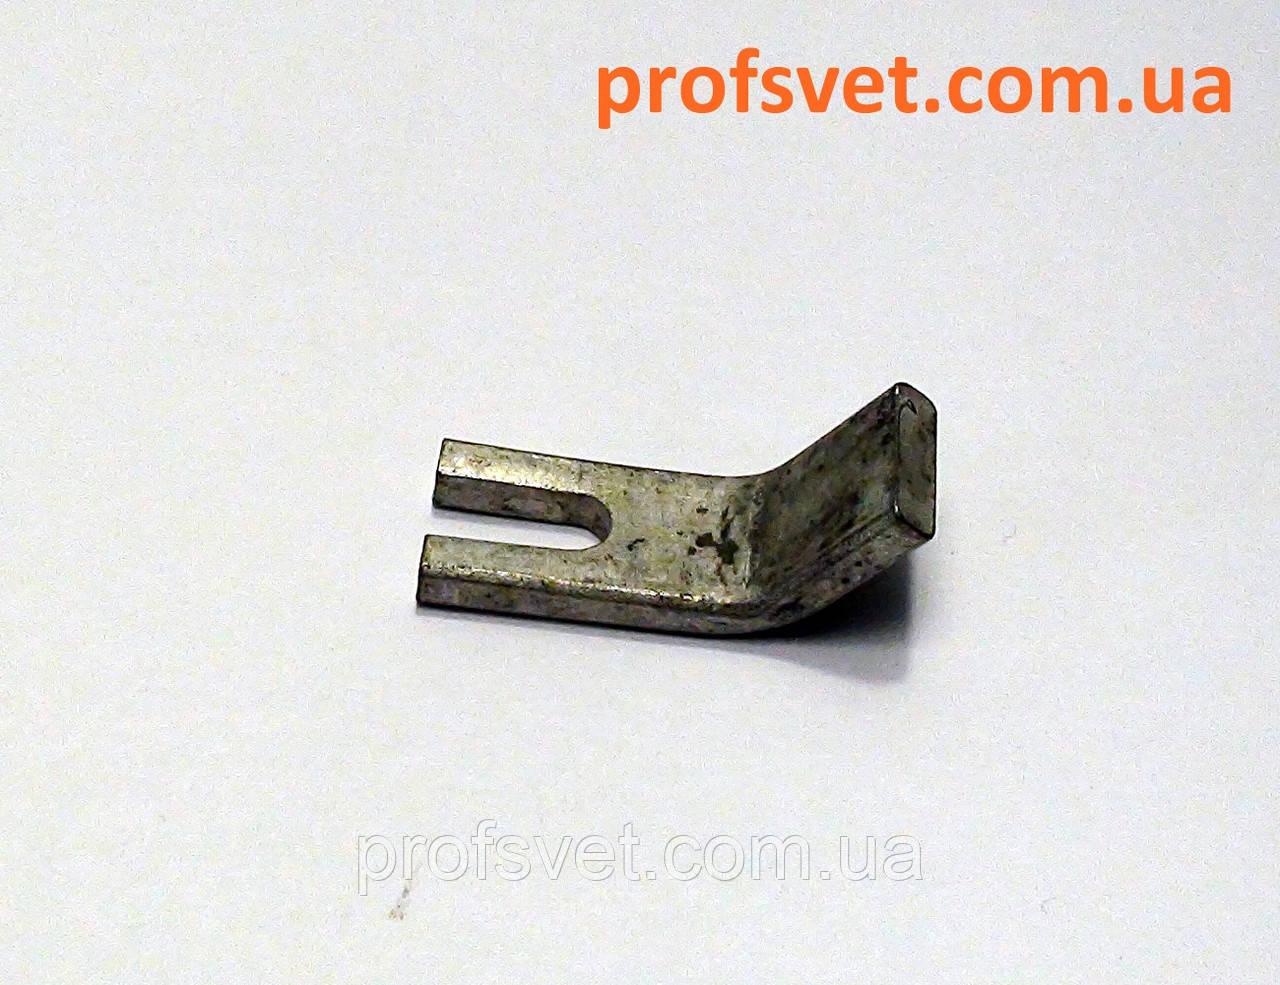 Контакт неподвижный к КТПВ-621 КПВ-601 63А